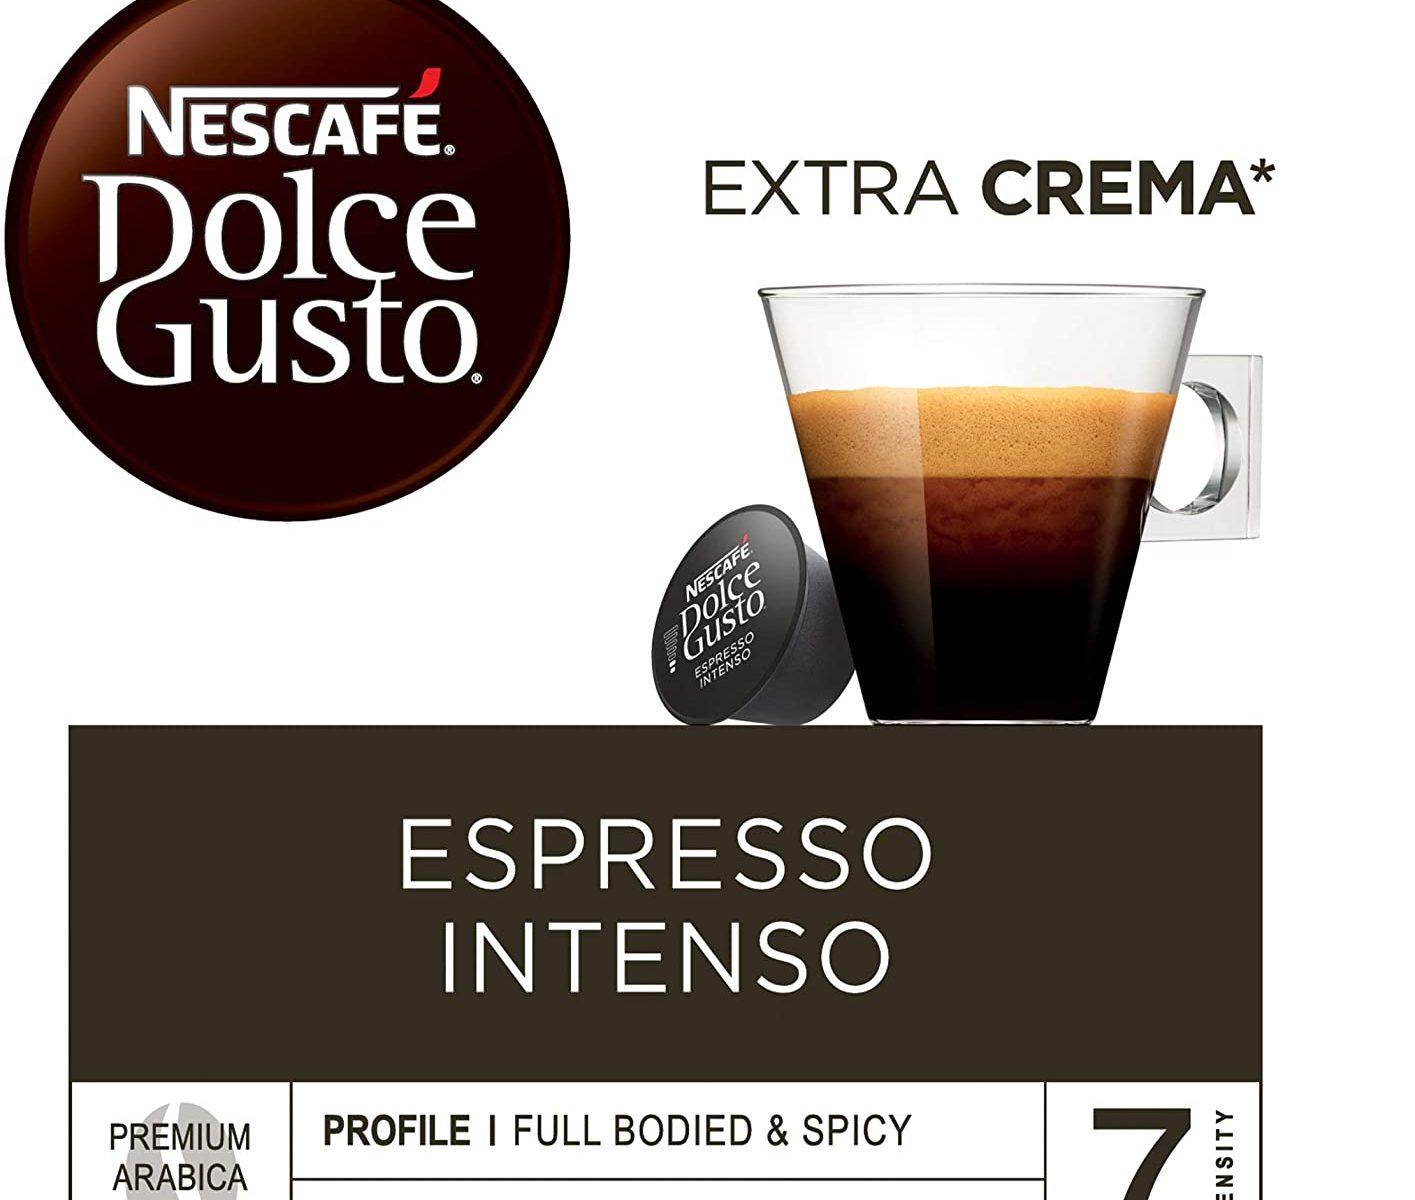 NESCAFE-Dolce-Gusto-Espresso-Intenso_Capsulas-Cafe_16_capsulas-de-cafe-1